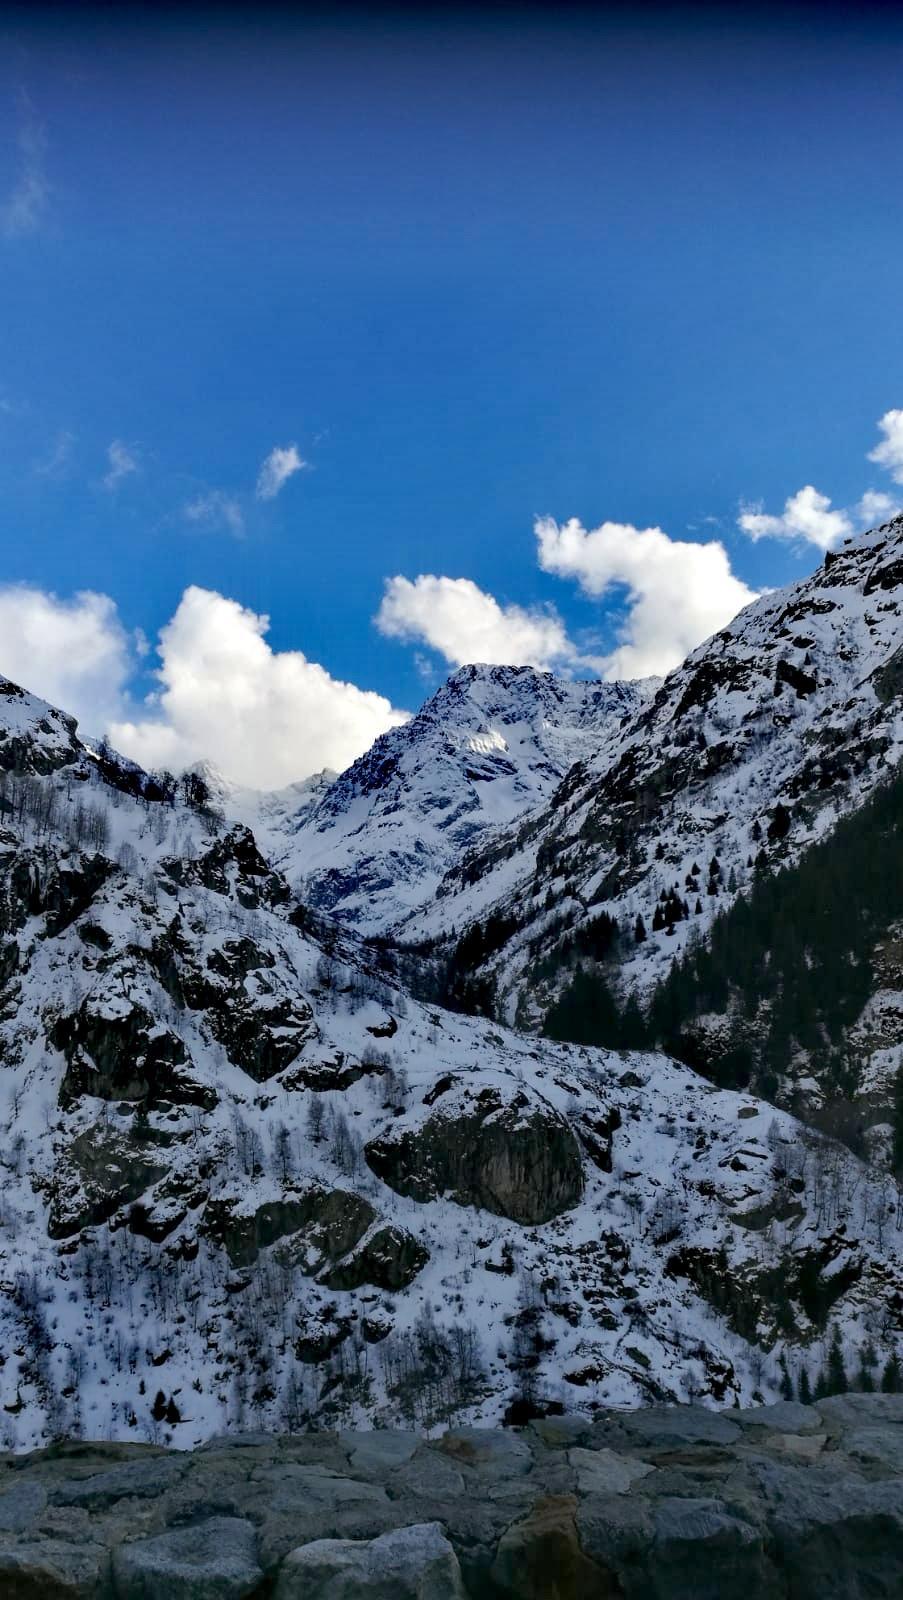 la vallée sous la neige